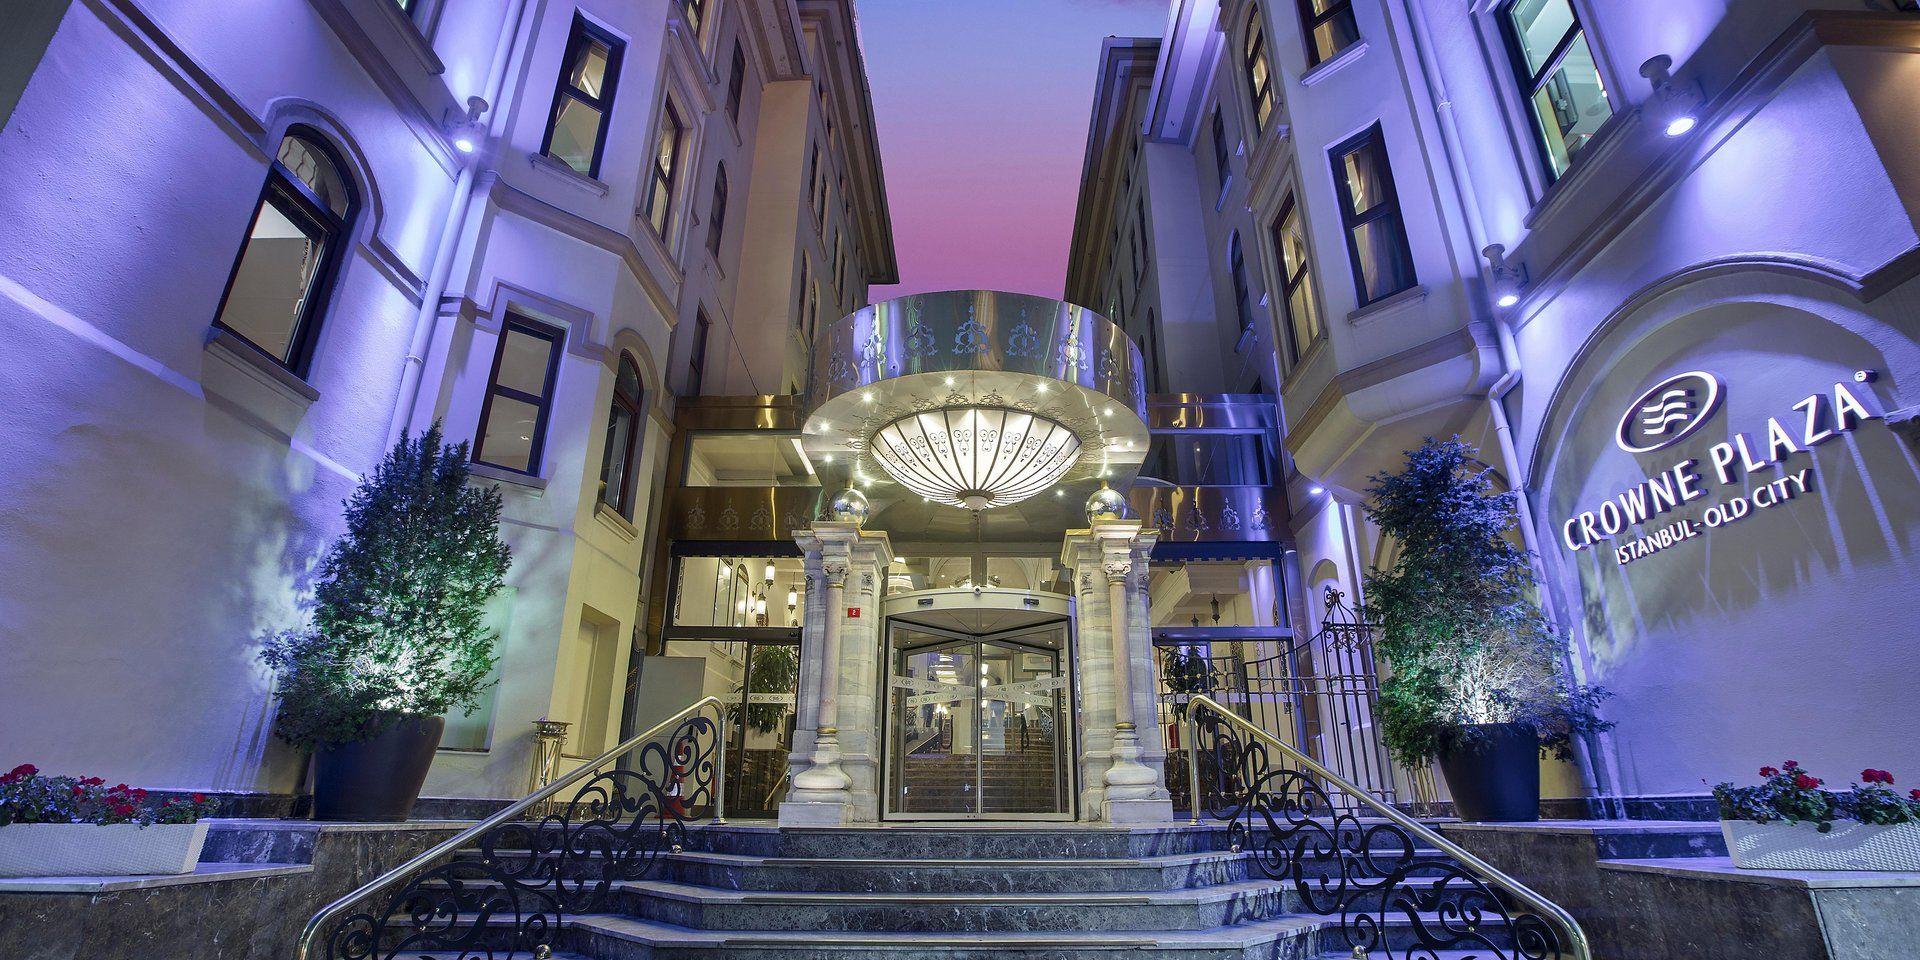 Hôtel Crowne Plaza Old City 5*